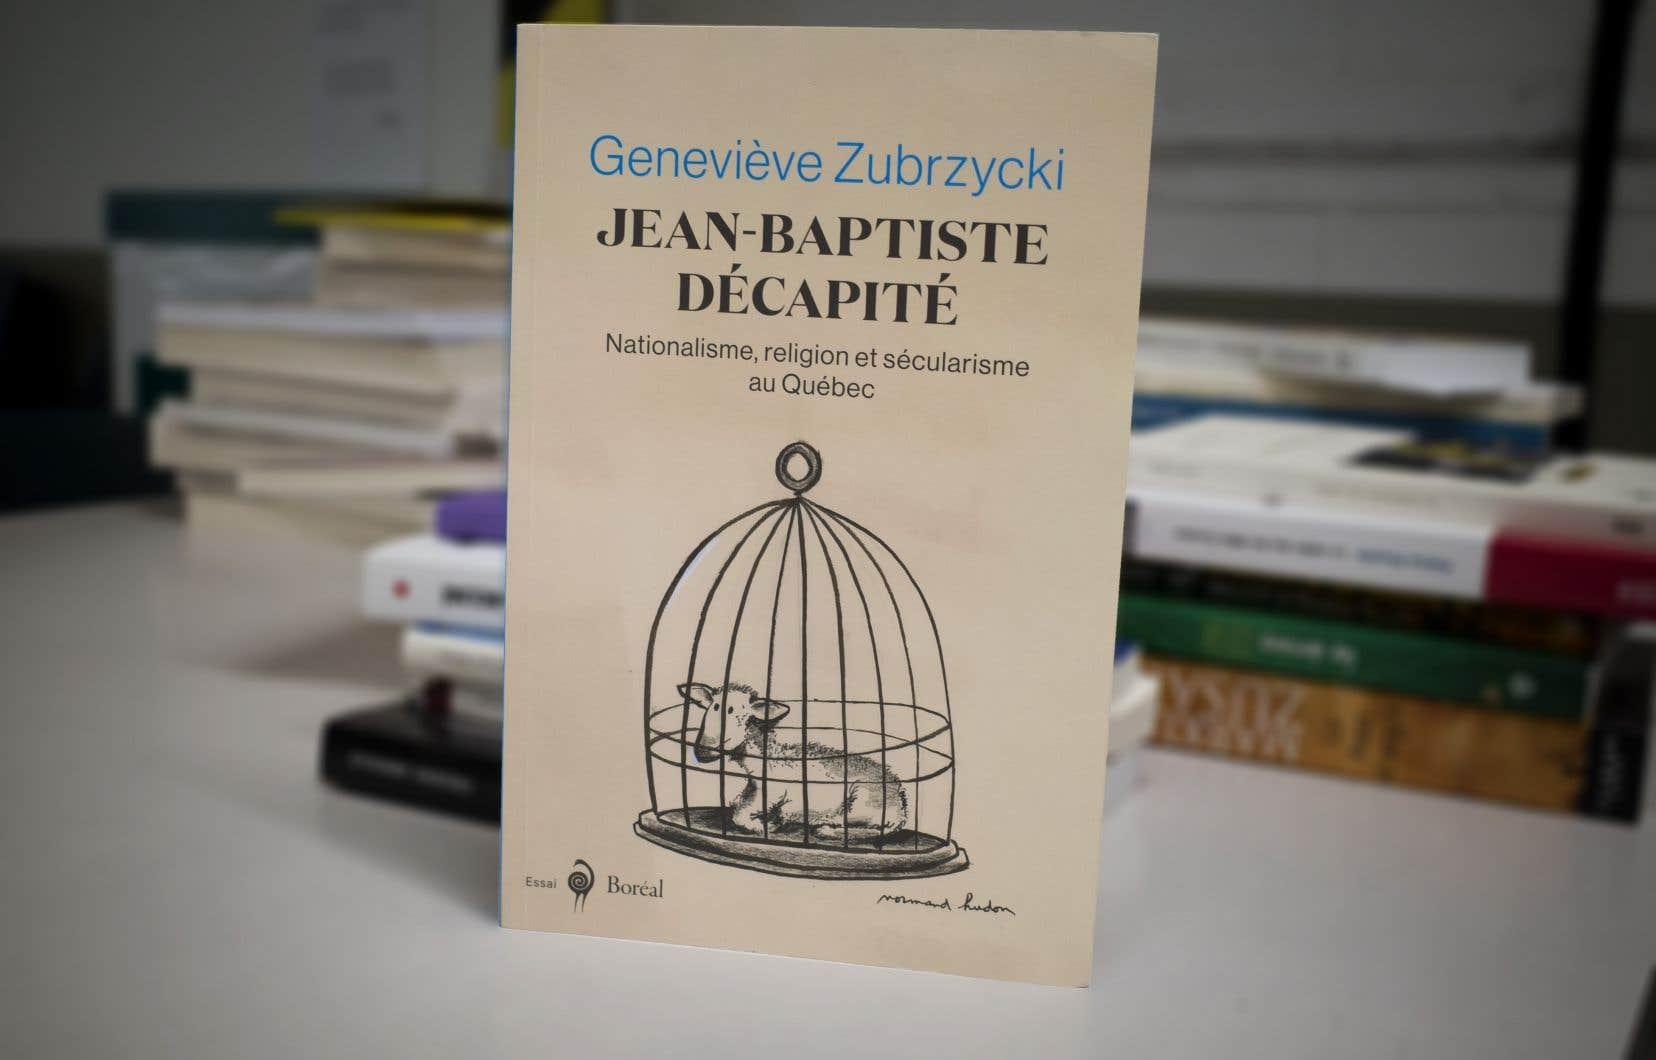 Dans son livre, la sociologue GenevièveZubrzycki s'intéresse particulièrement au «point de rupture» entre le Québec et la religion.